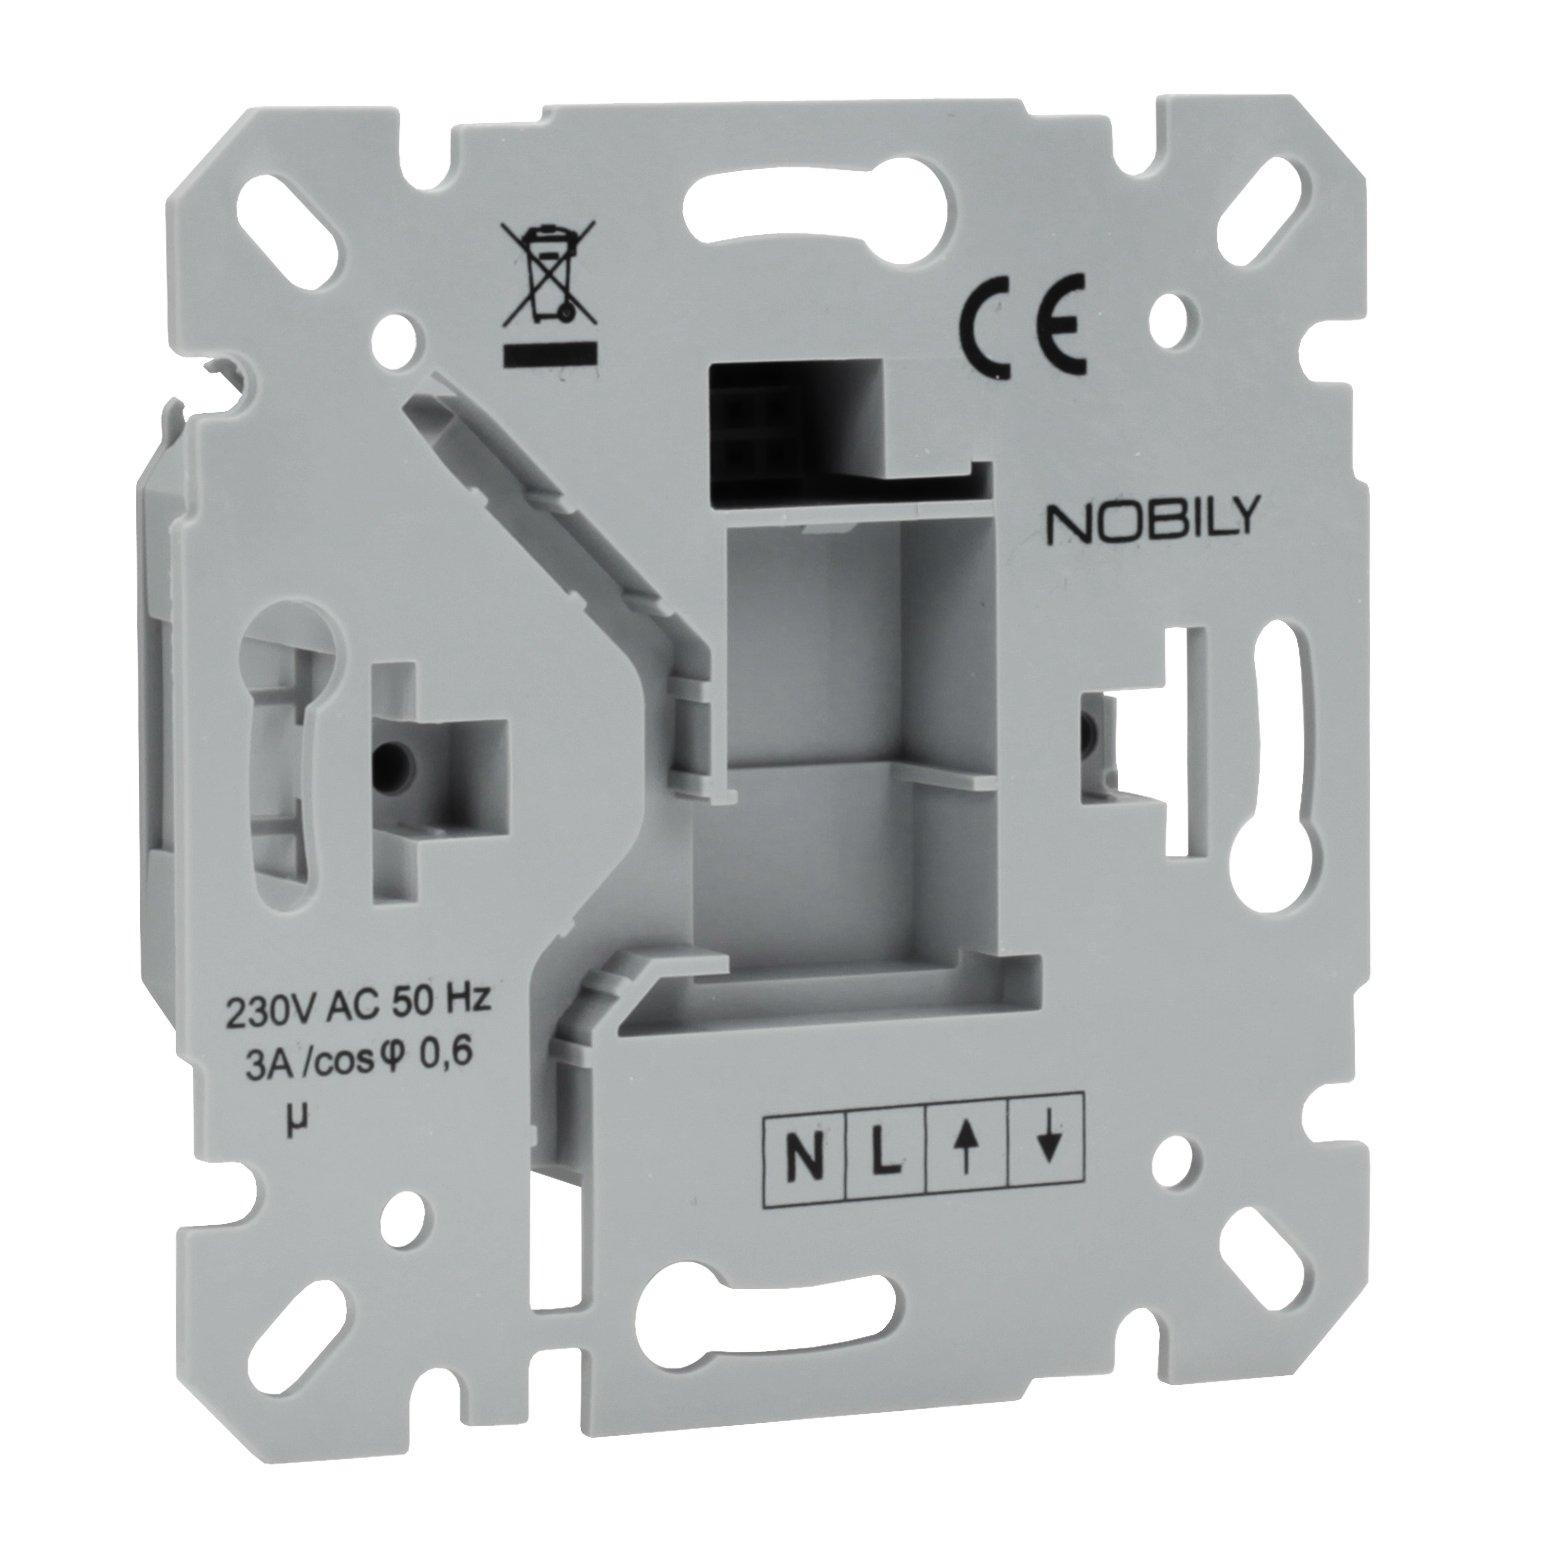 Nobily Zs2 Interruttore Per Persiane Con Timer Con